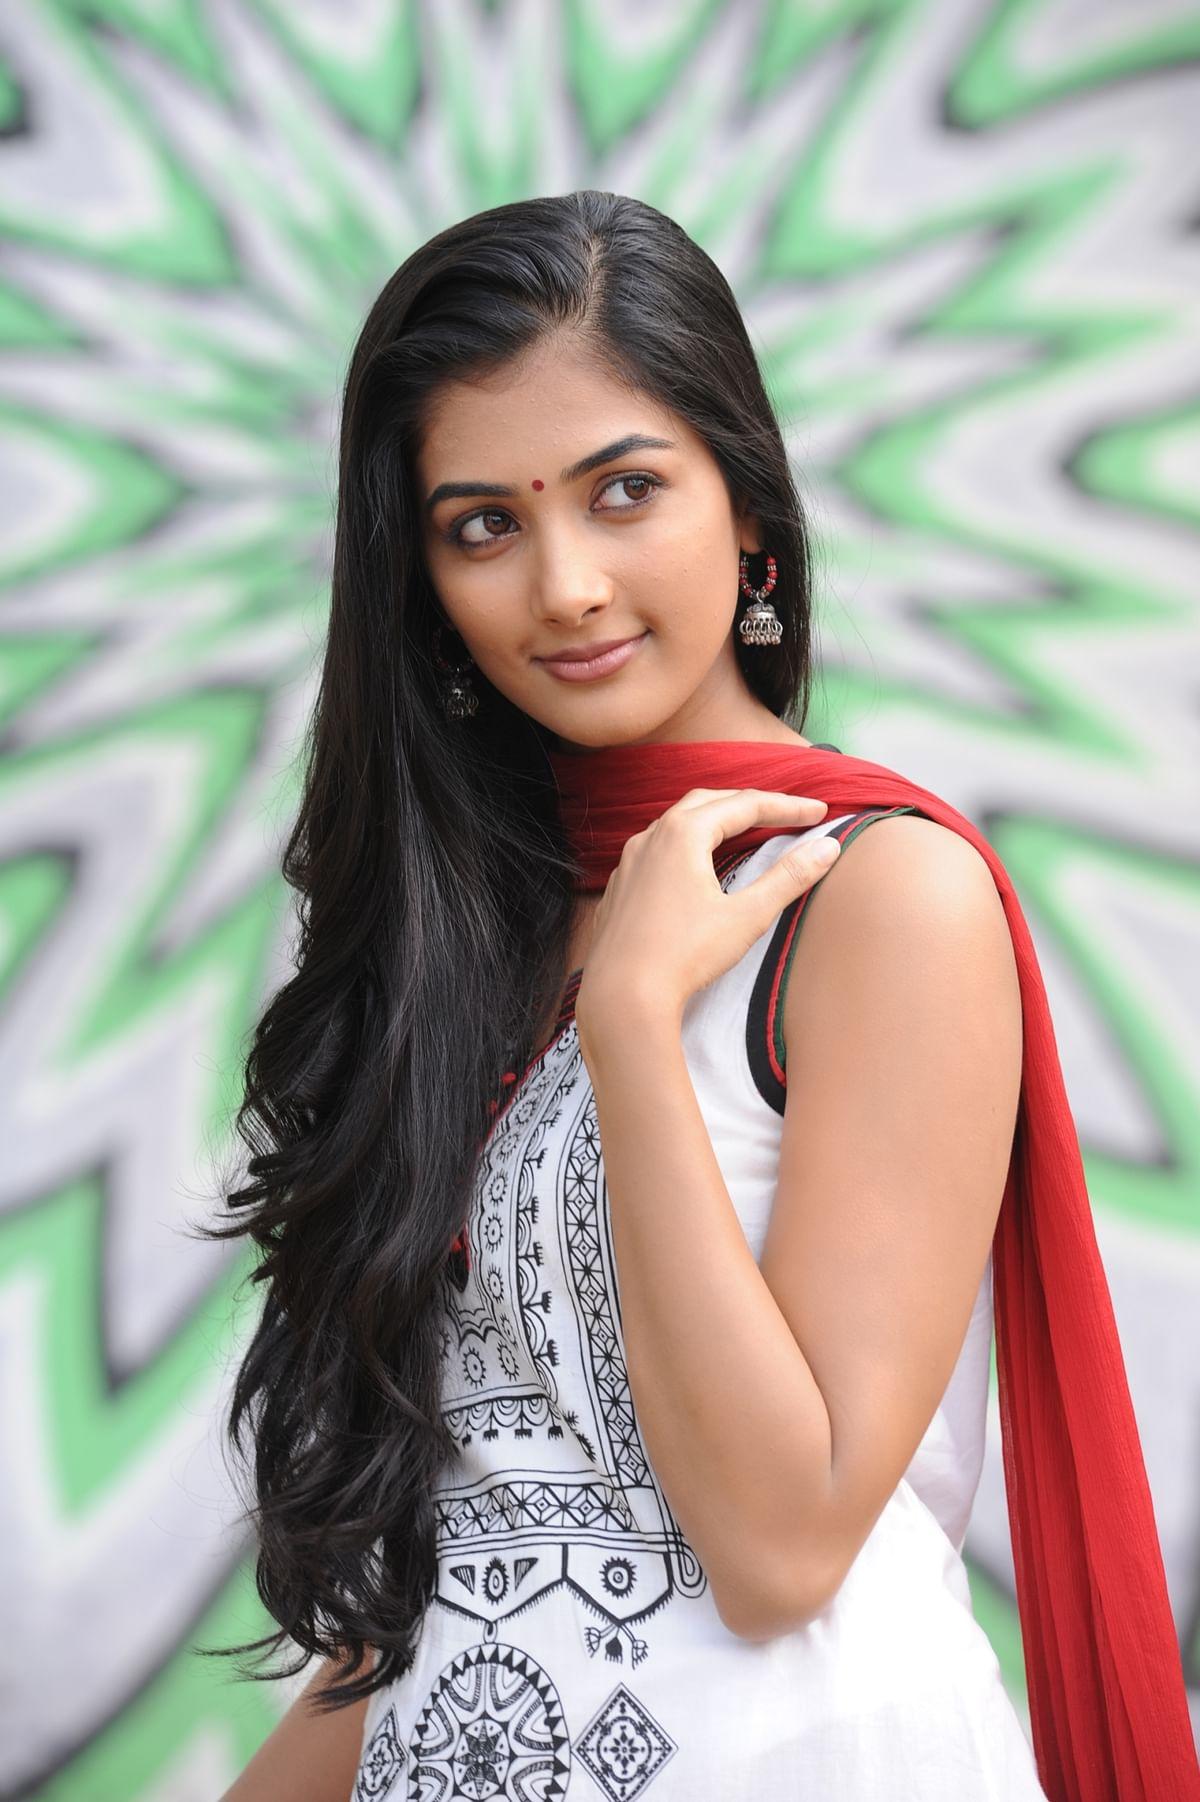 பூஜா ஹேக்டே